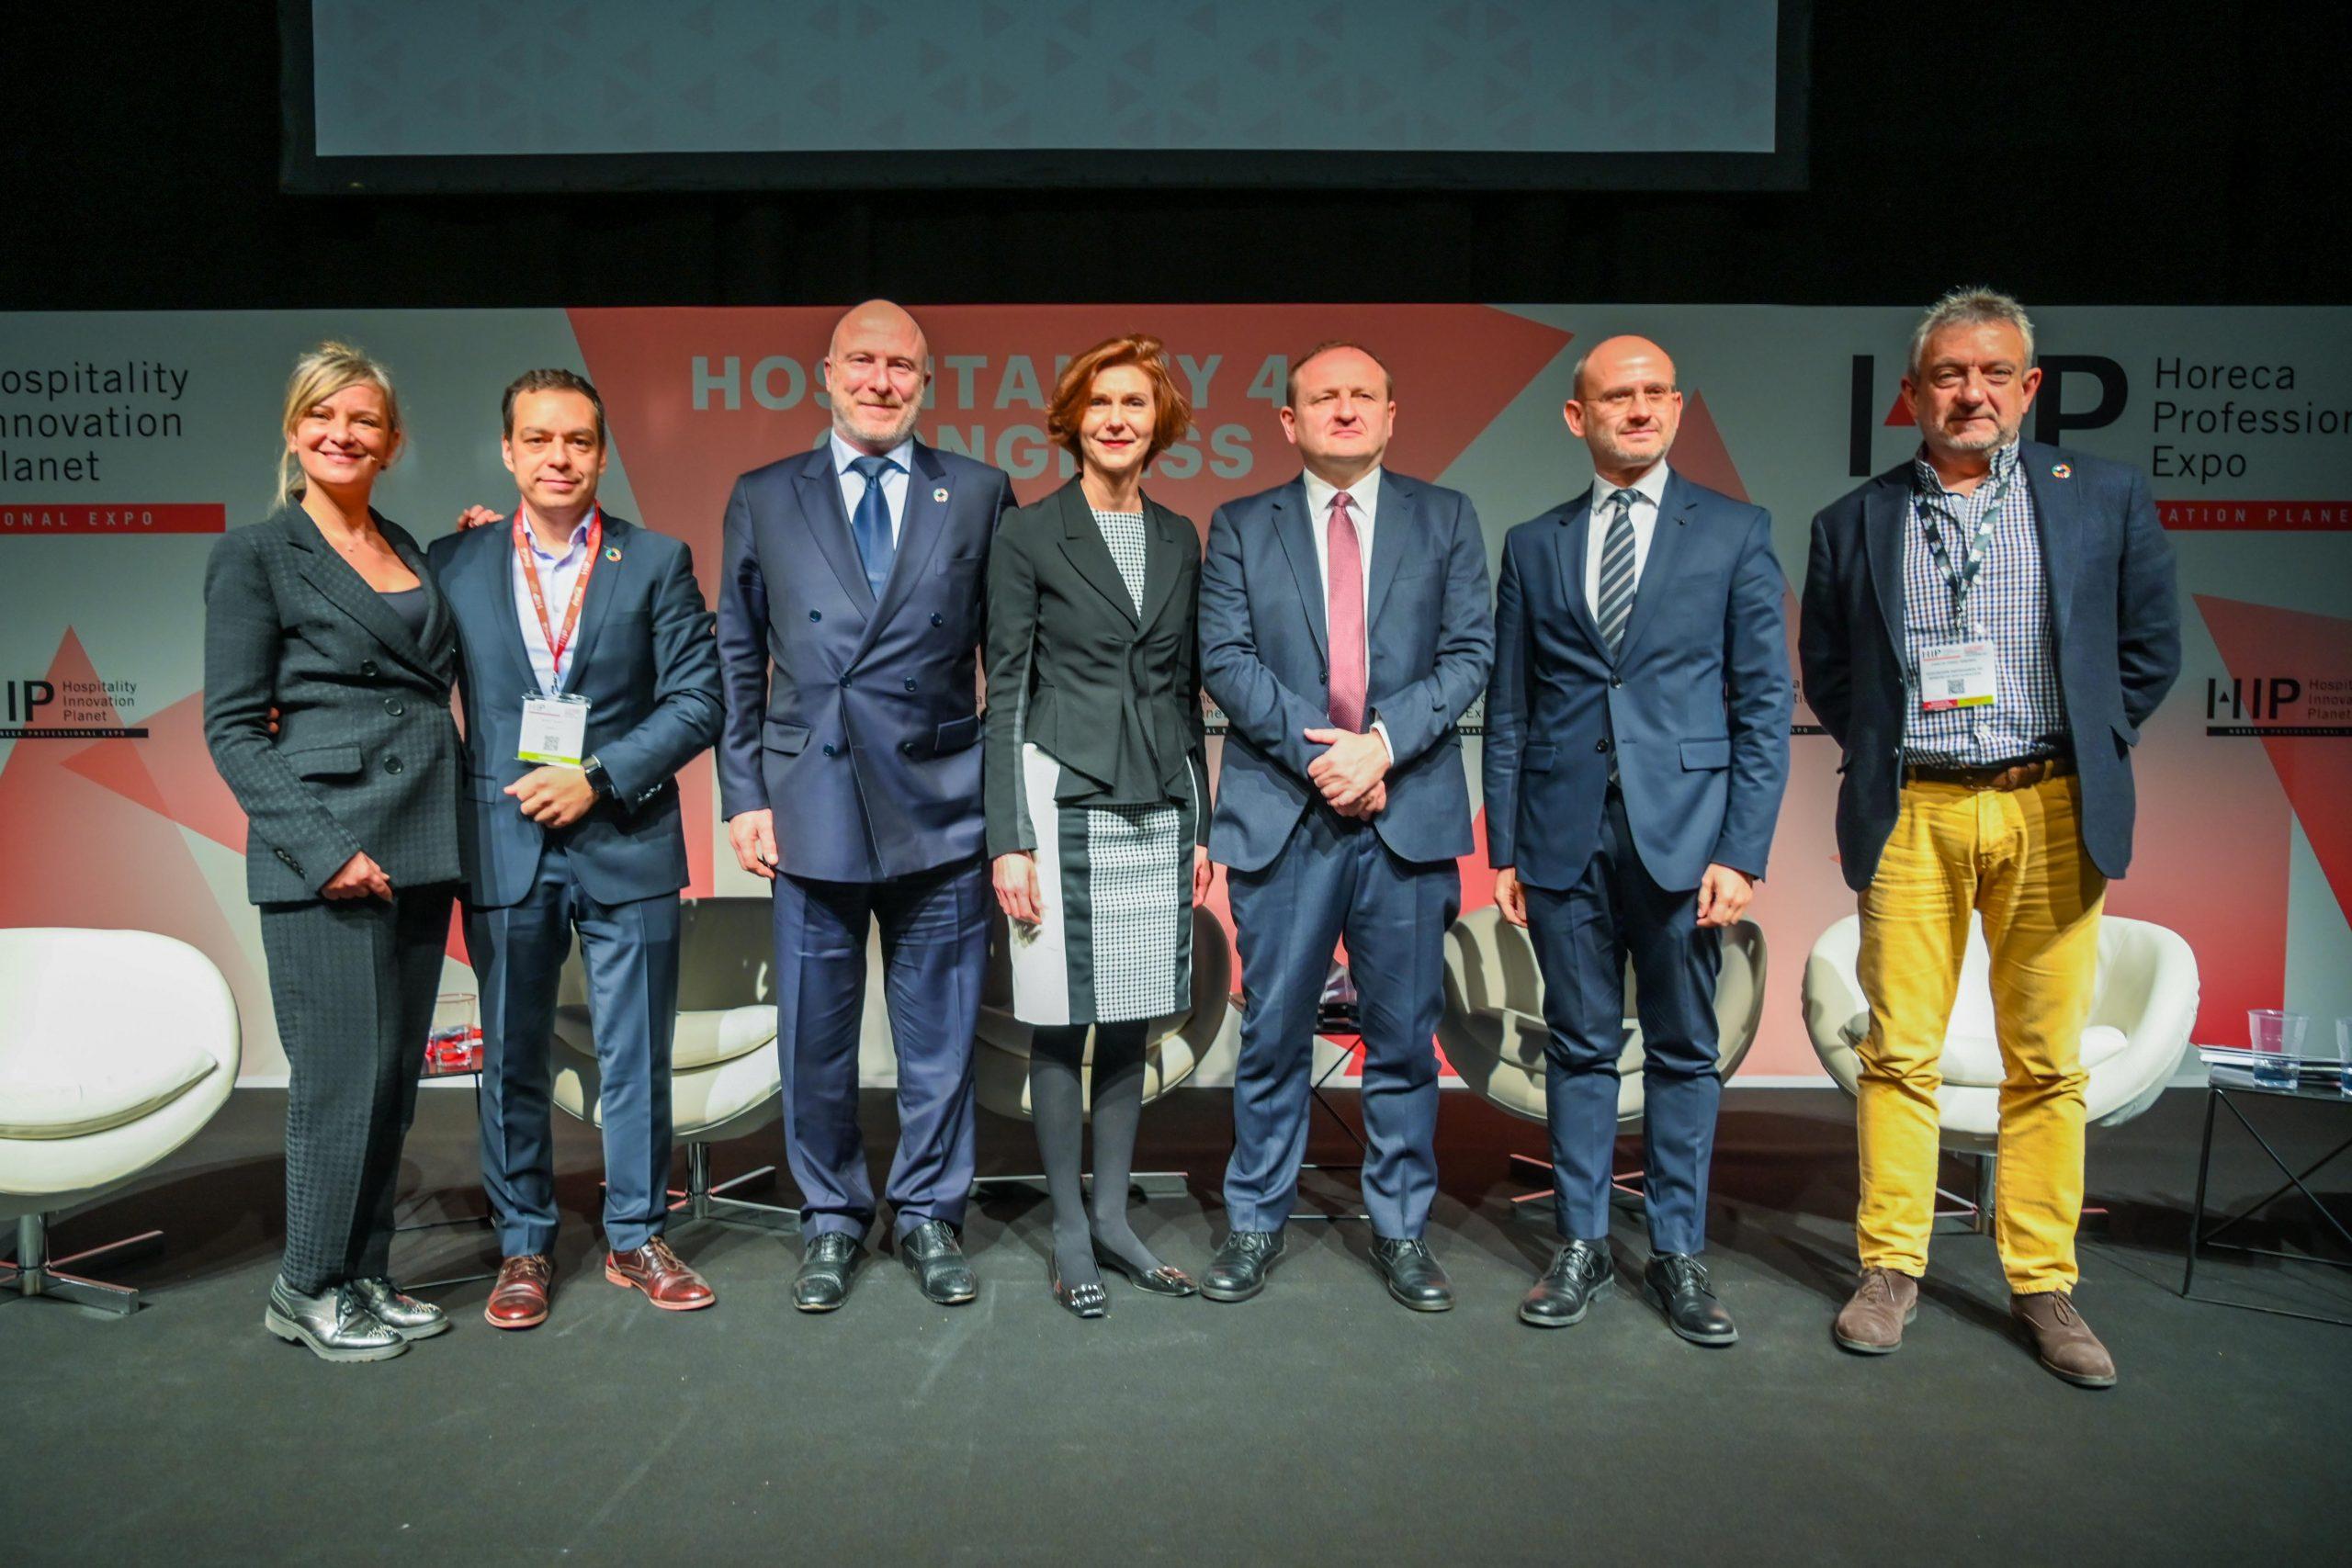 La industria de la hostelería presenta en HIP 2020 sus innovaciones con foco en la robótica, proteína vegetal y el delivery del futuro